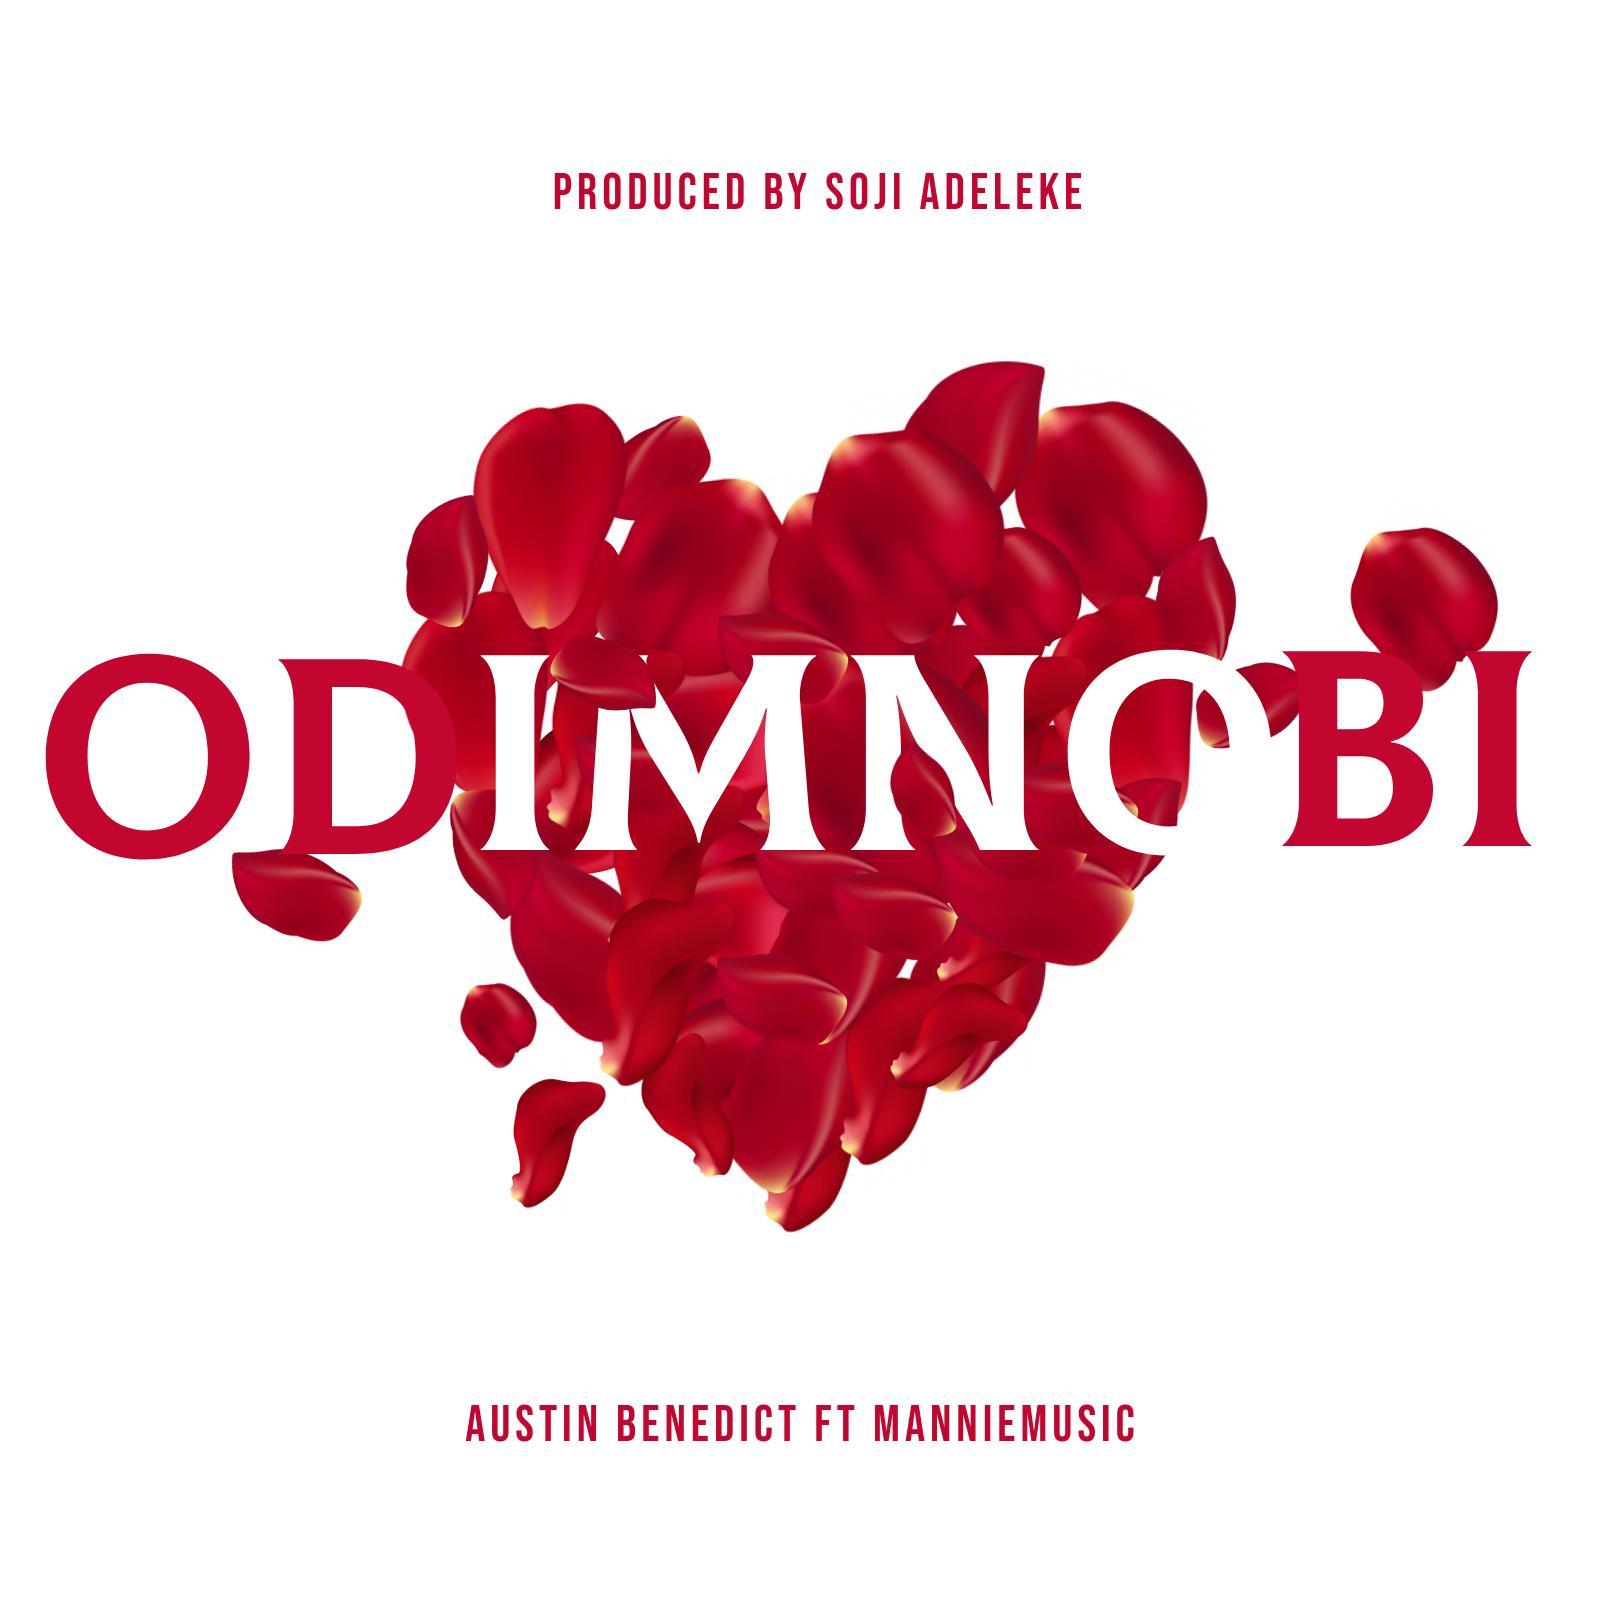 IDIMNOBI - Austin Benedict